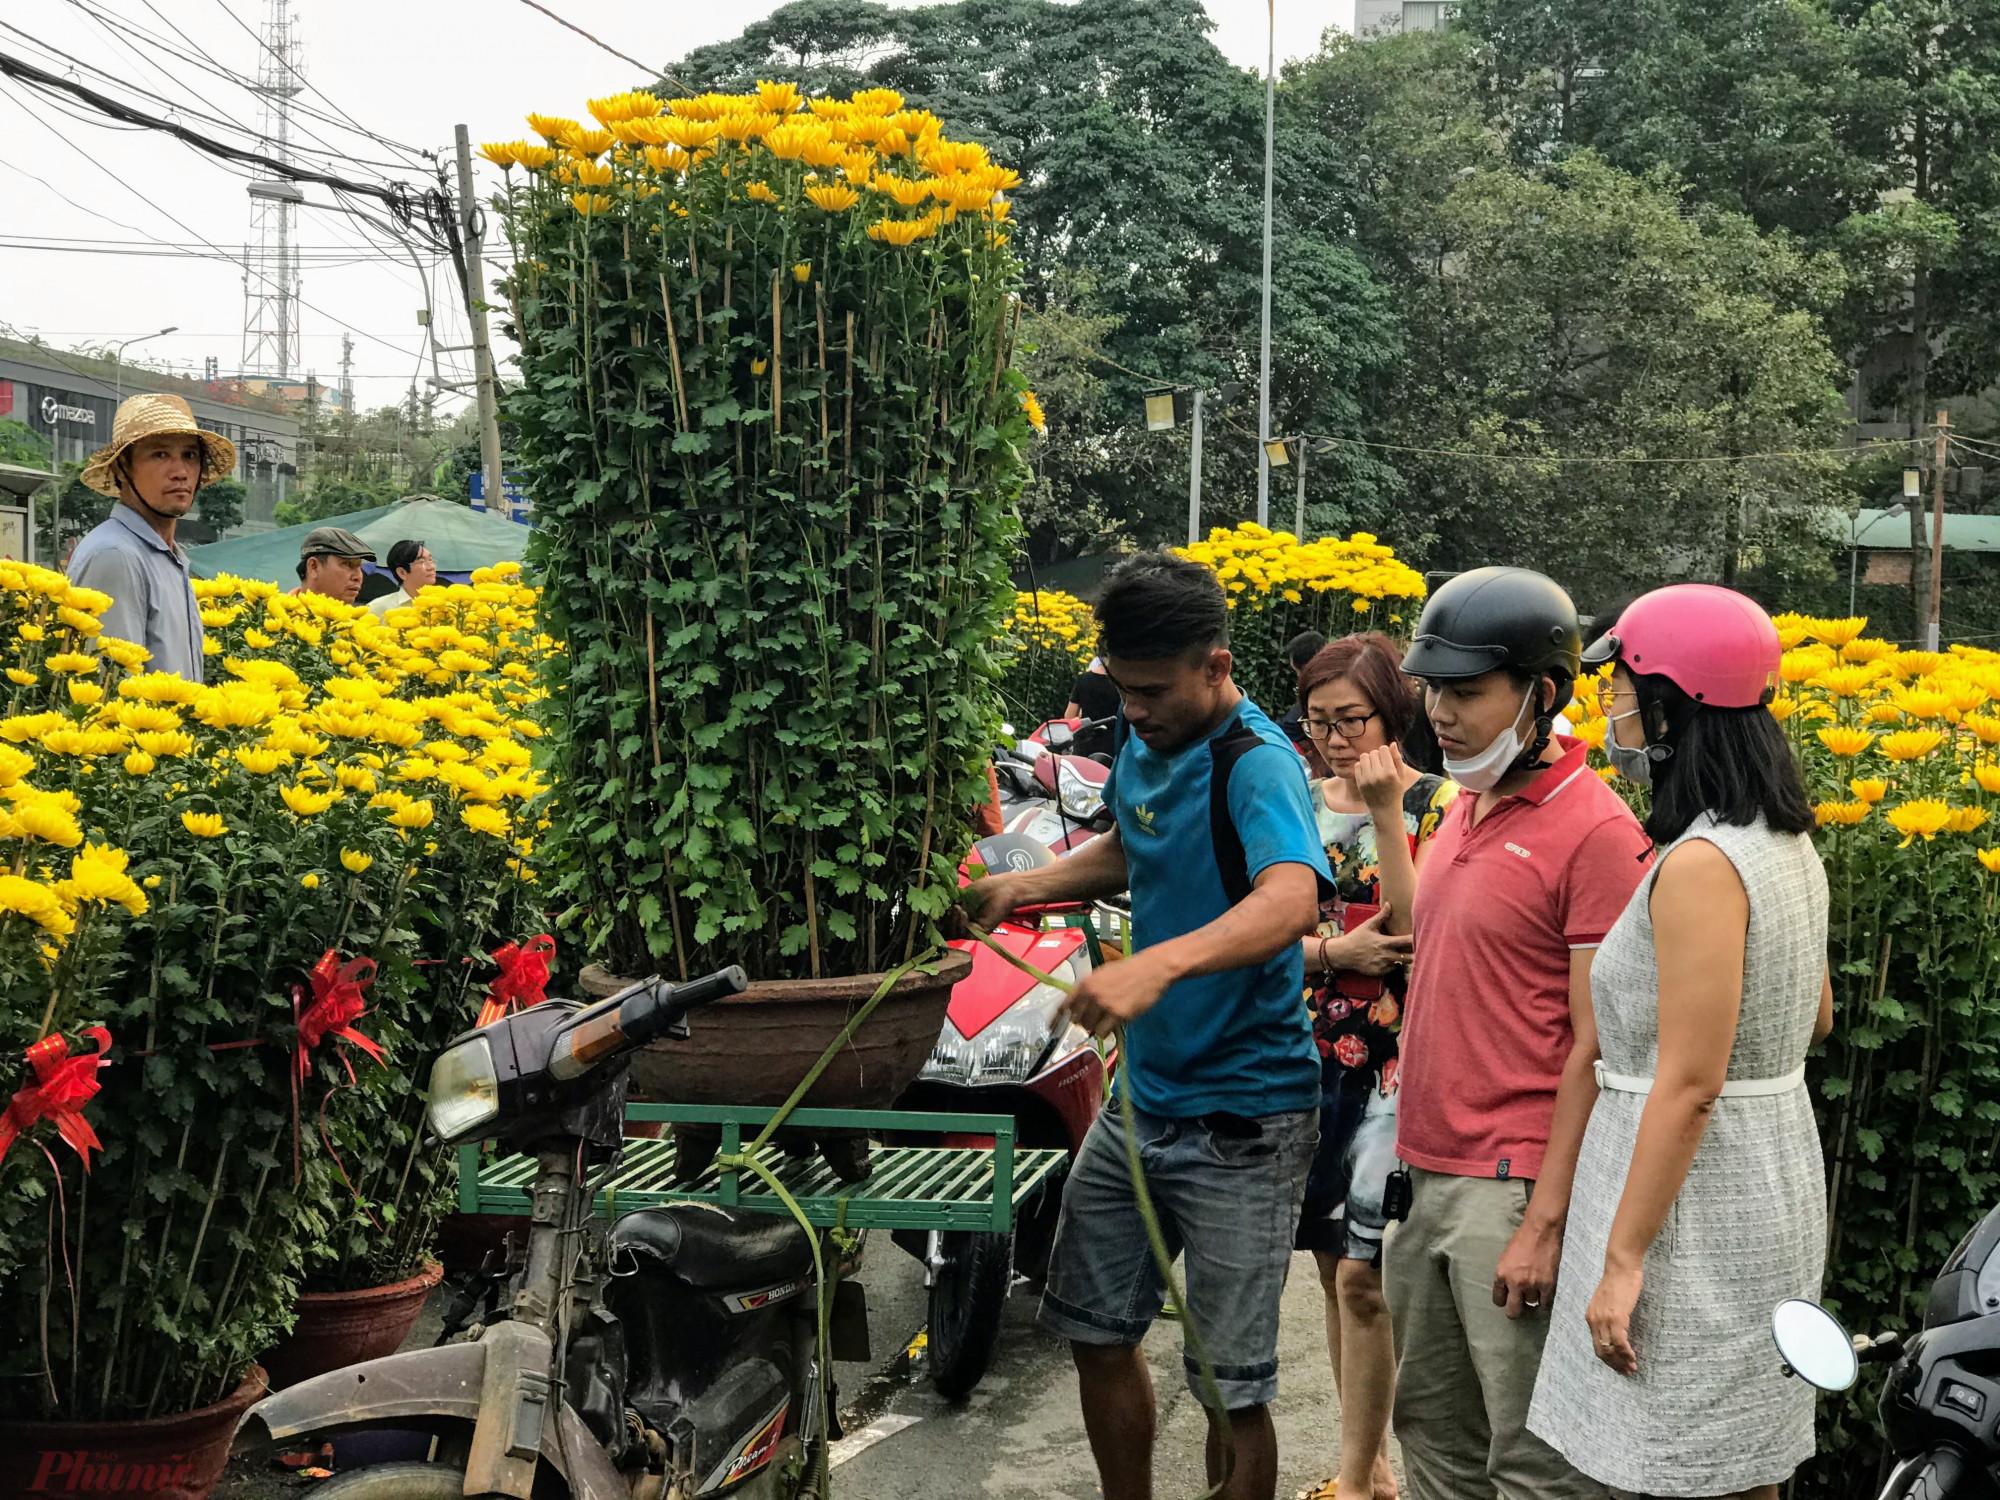 Tại các chợ hoa dã chiến mùa Tết như công viên Gia Định, Hoàng Văn Thụ, Lê Văn Tám,... bắt đầu nhộn nhịp cảnh buôn bán hoa, kiểng Tết từ các vùng miền phục vụ nhu cầu chơi Tết của người dân thành phố,